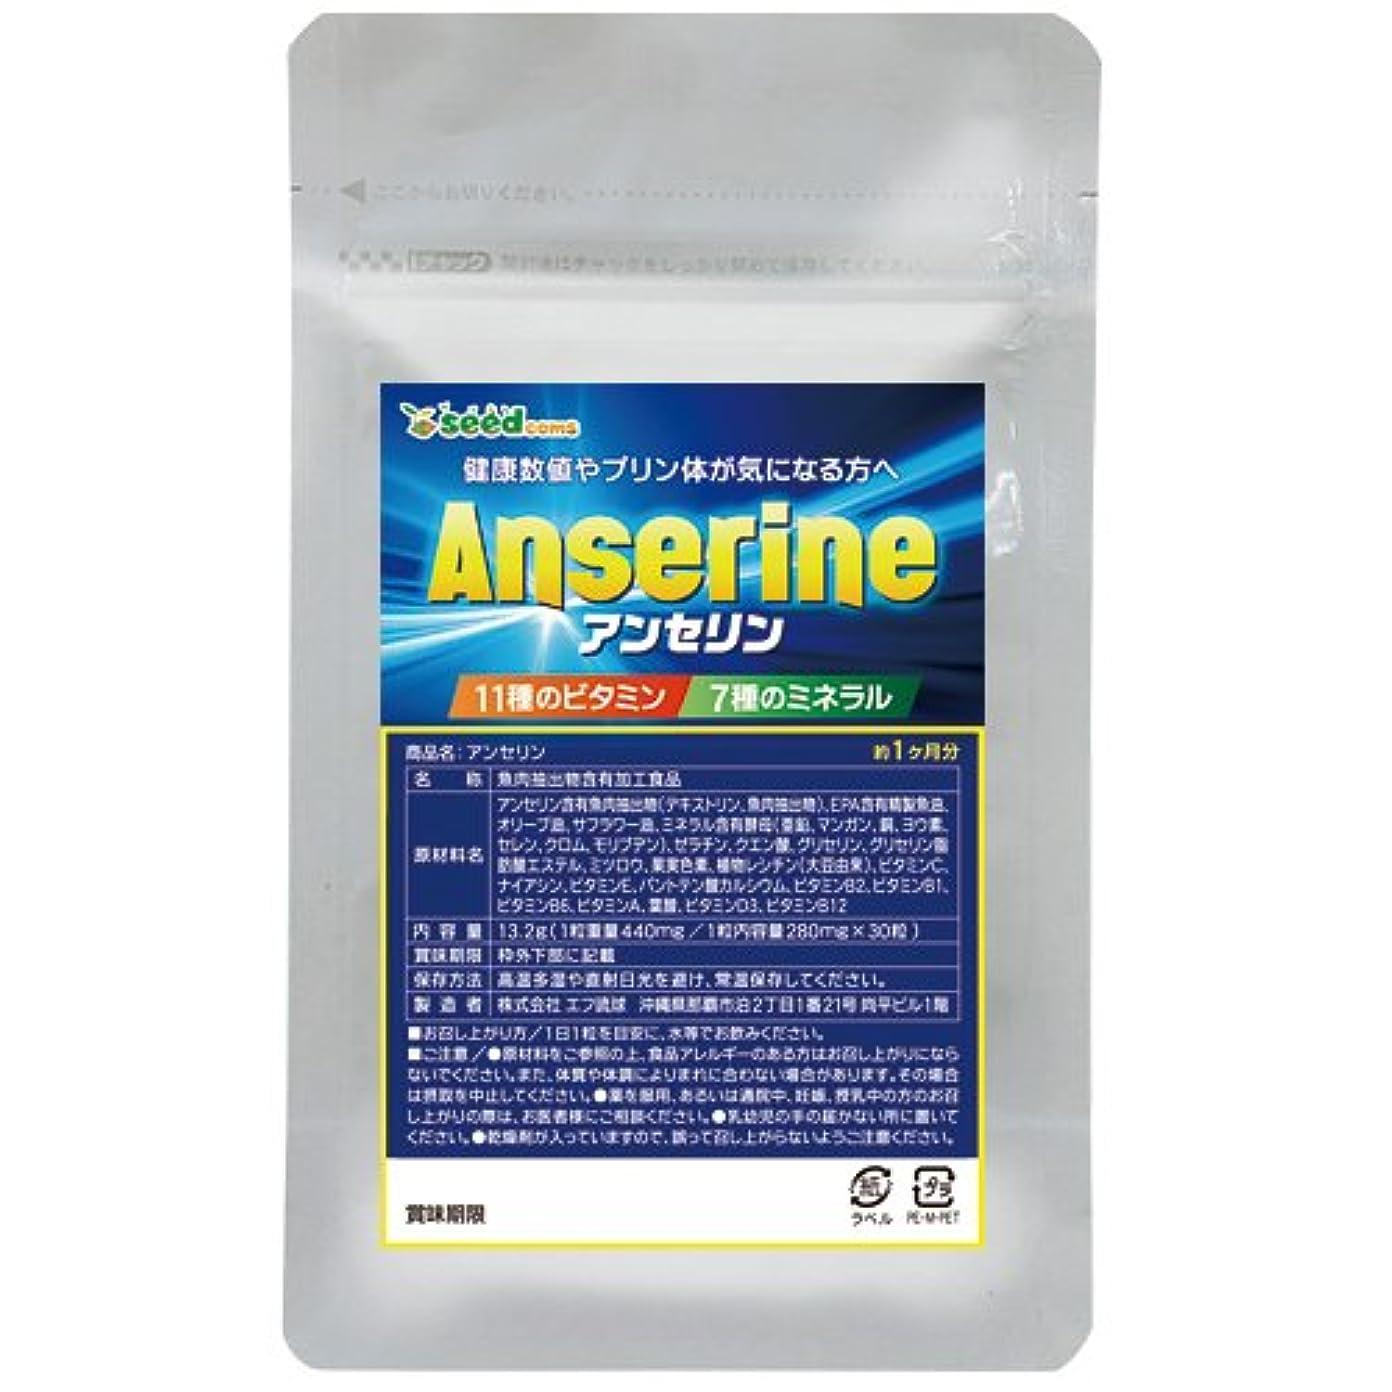 ホイップ付与所属アンセリン (約1ヶ月分/30粒) 11種類のビタミン&7種類のミネラル